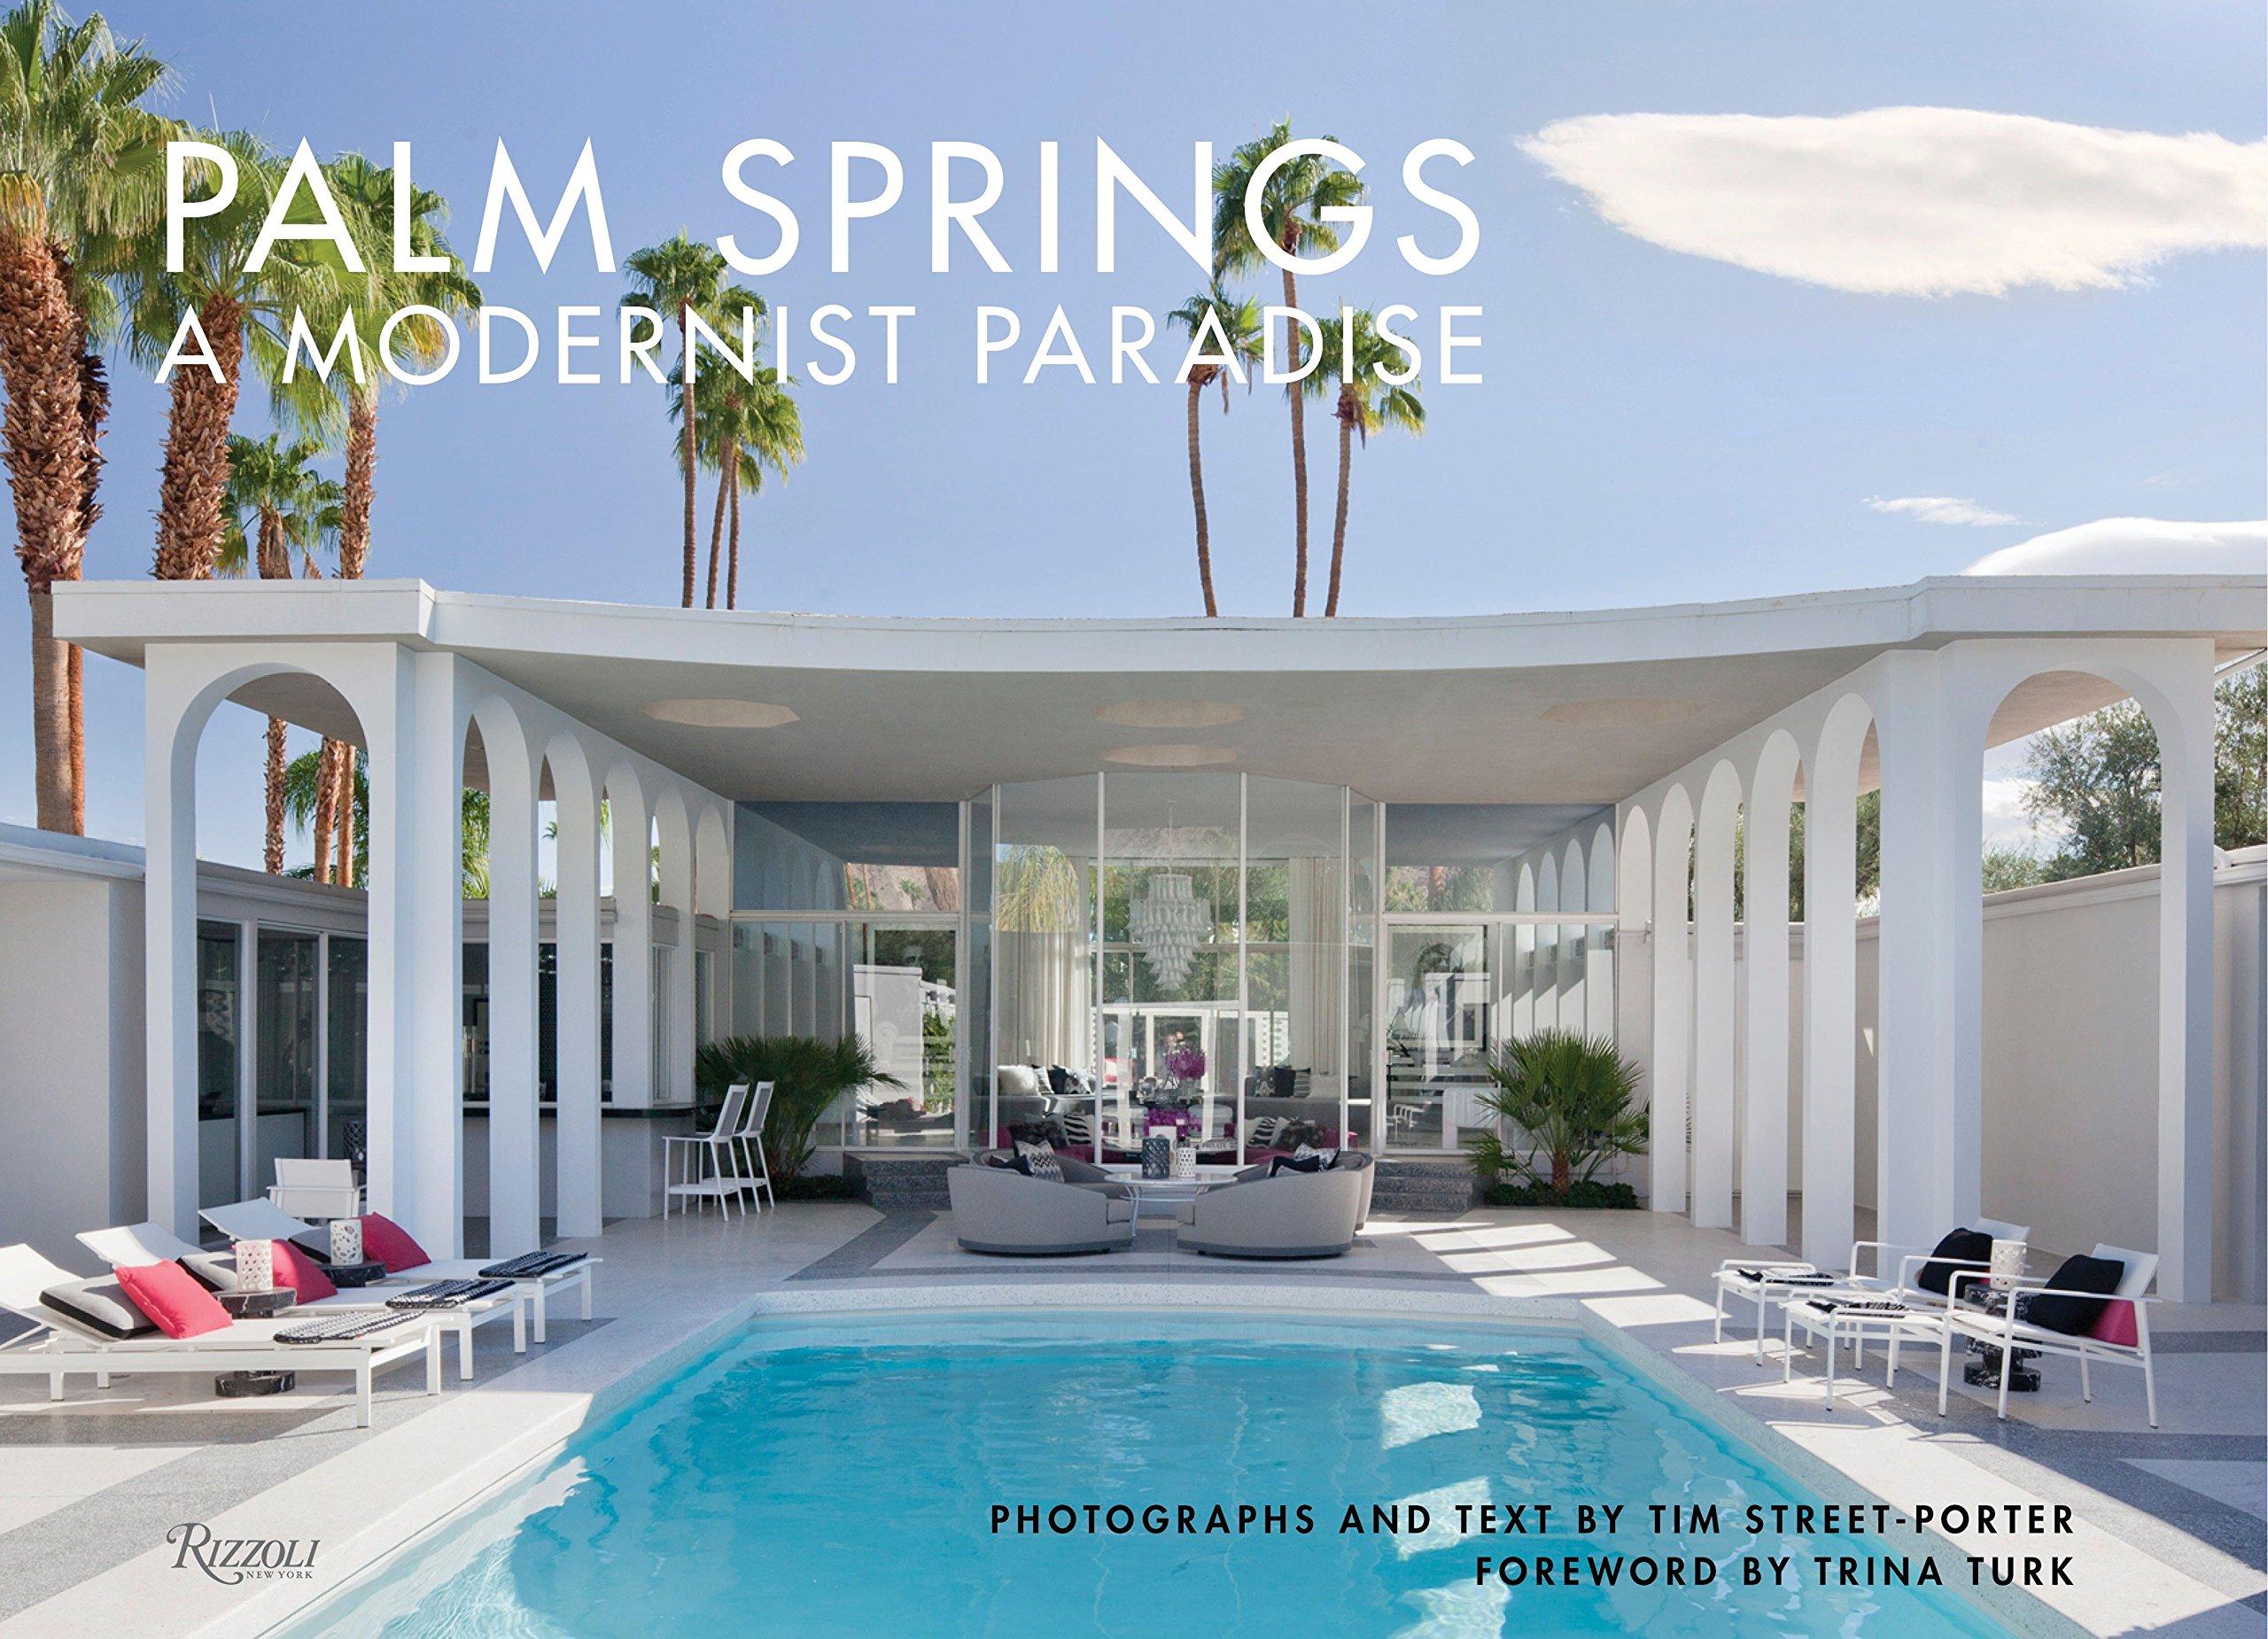 Palm Springs: A Modernist Paradise: Tim Street-Porter, Trina